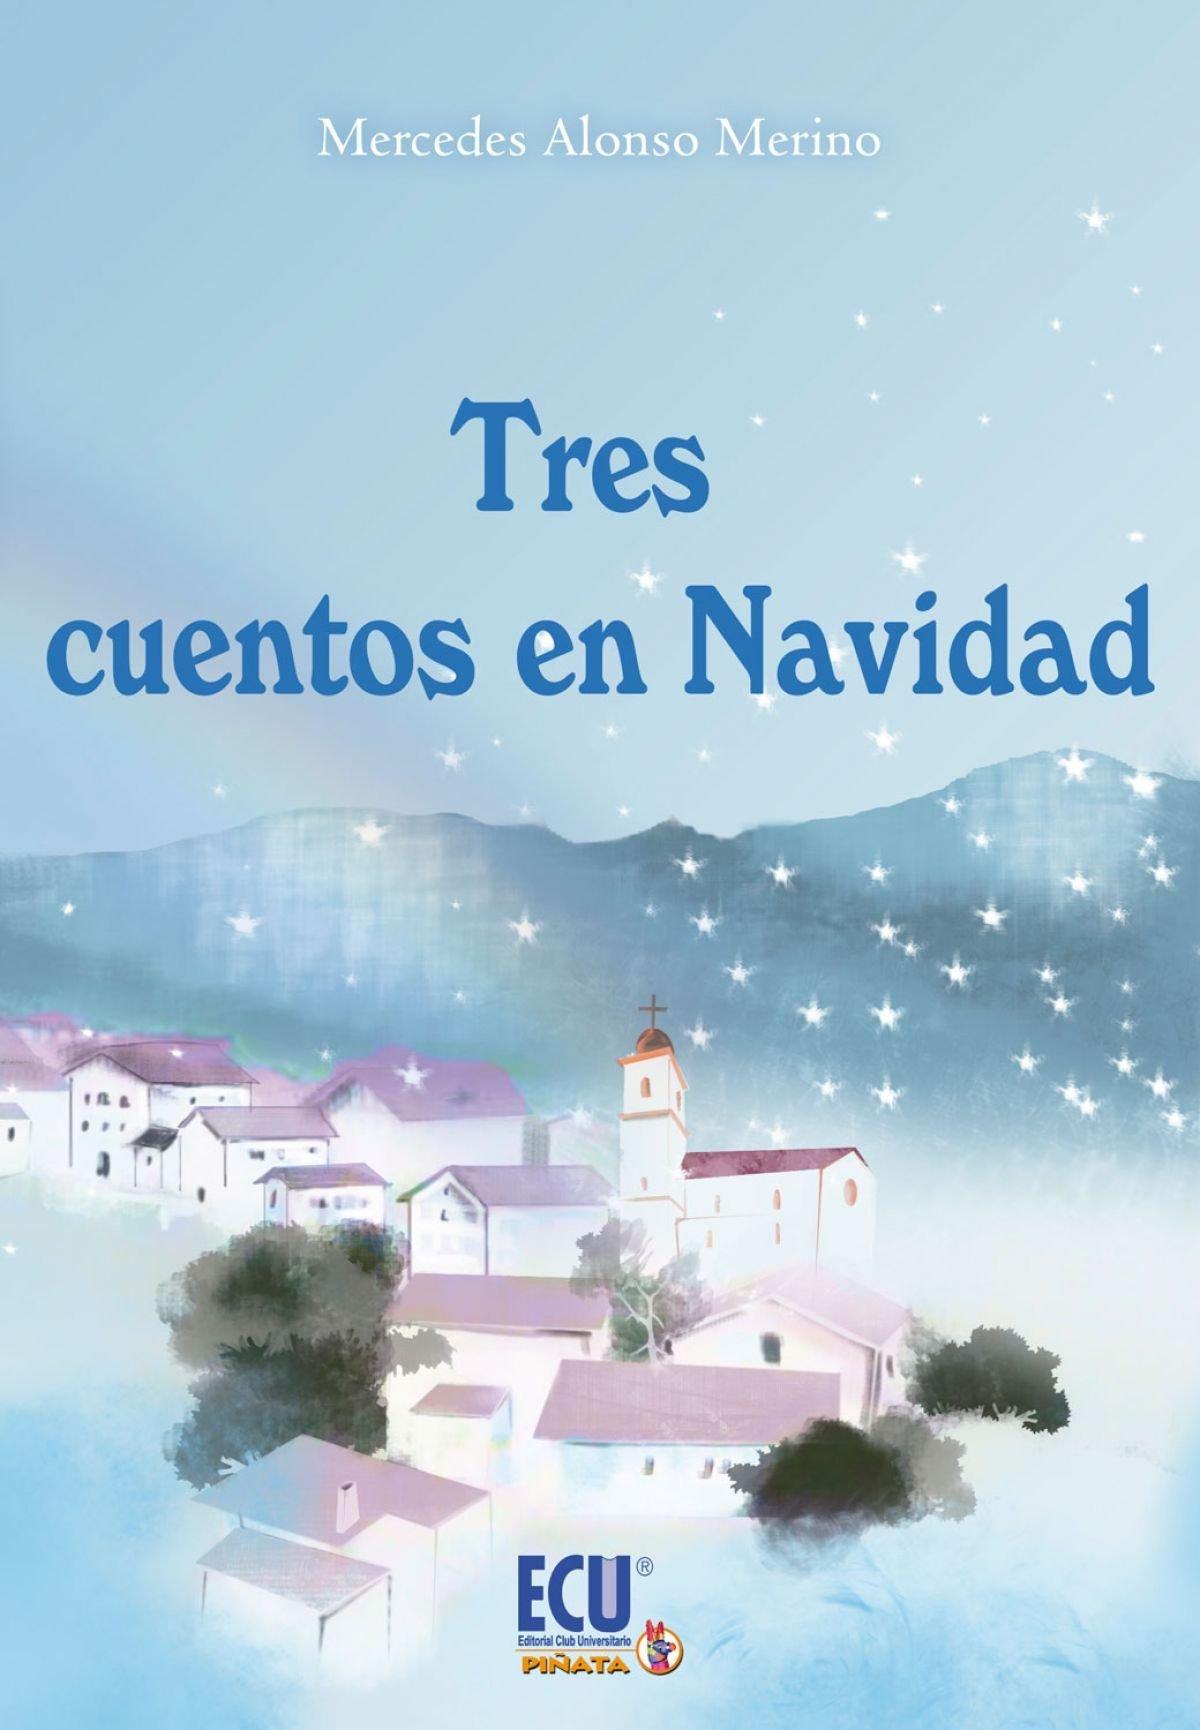 Selección de cuentos navideños para niños